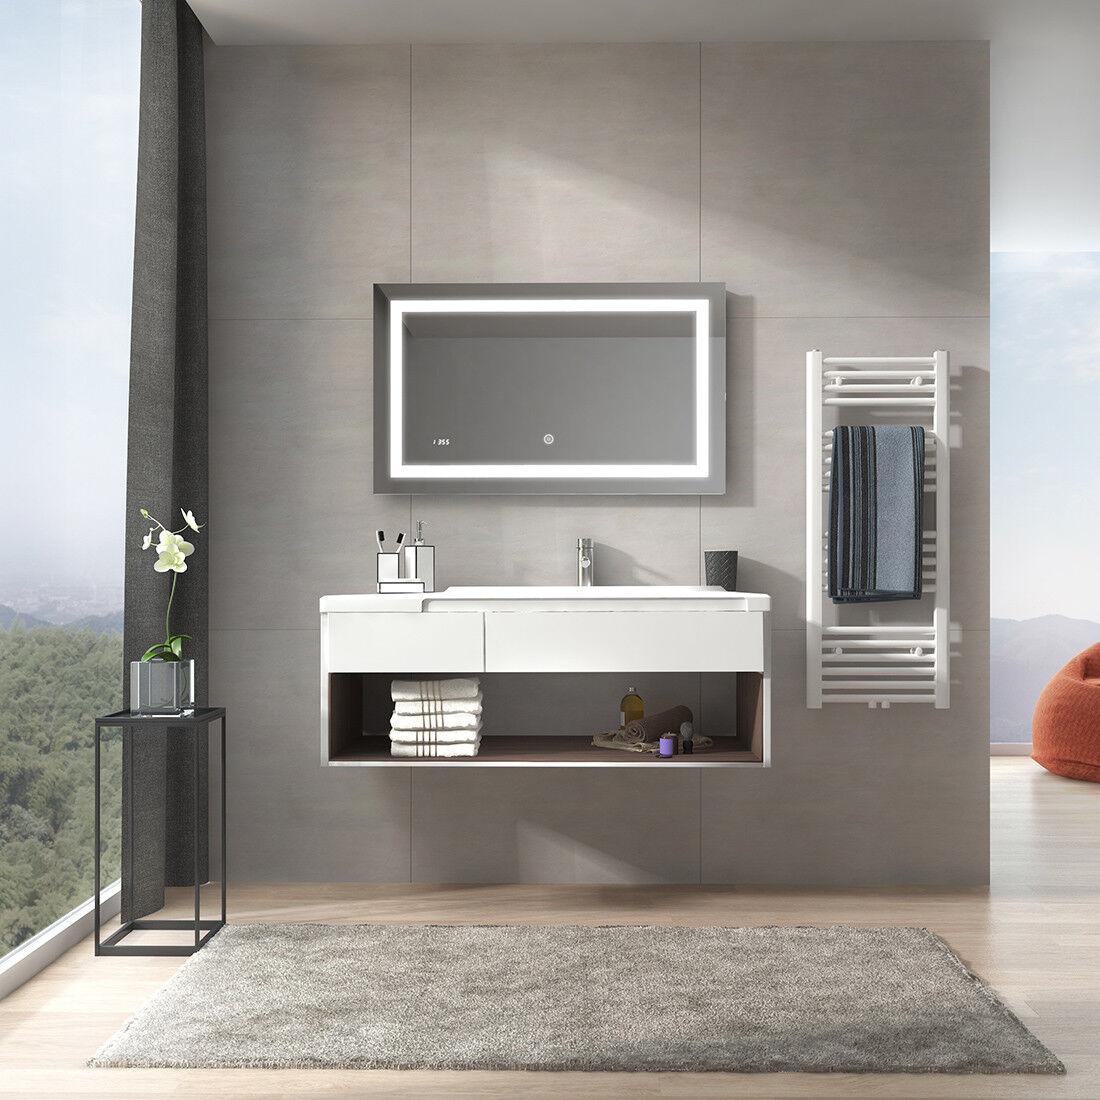 Badspiegel mit LED Beleuchtung 100x60 mit Touch Schalter UHR Badezimmer Spiegel